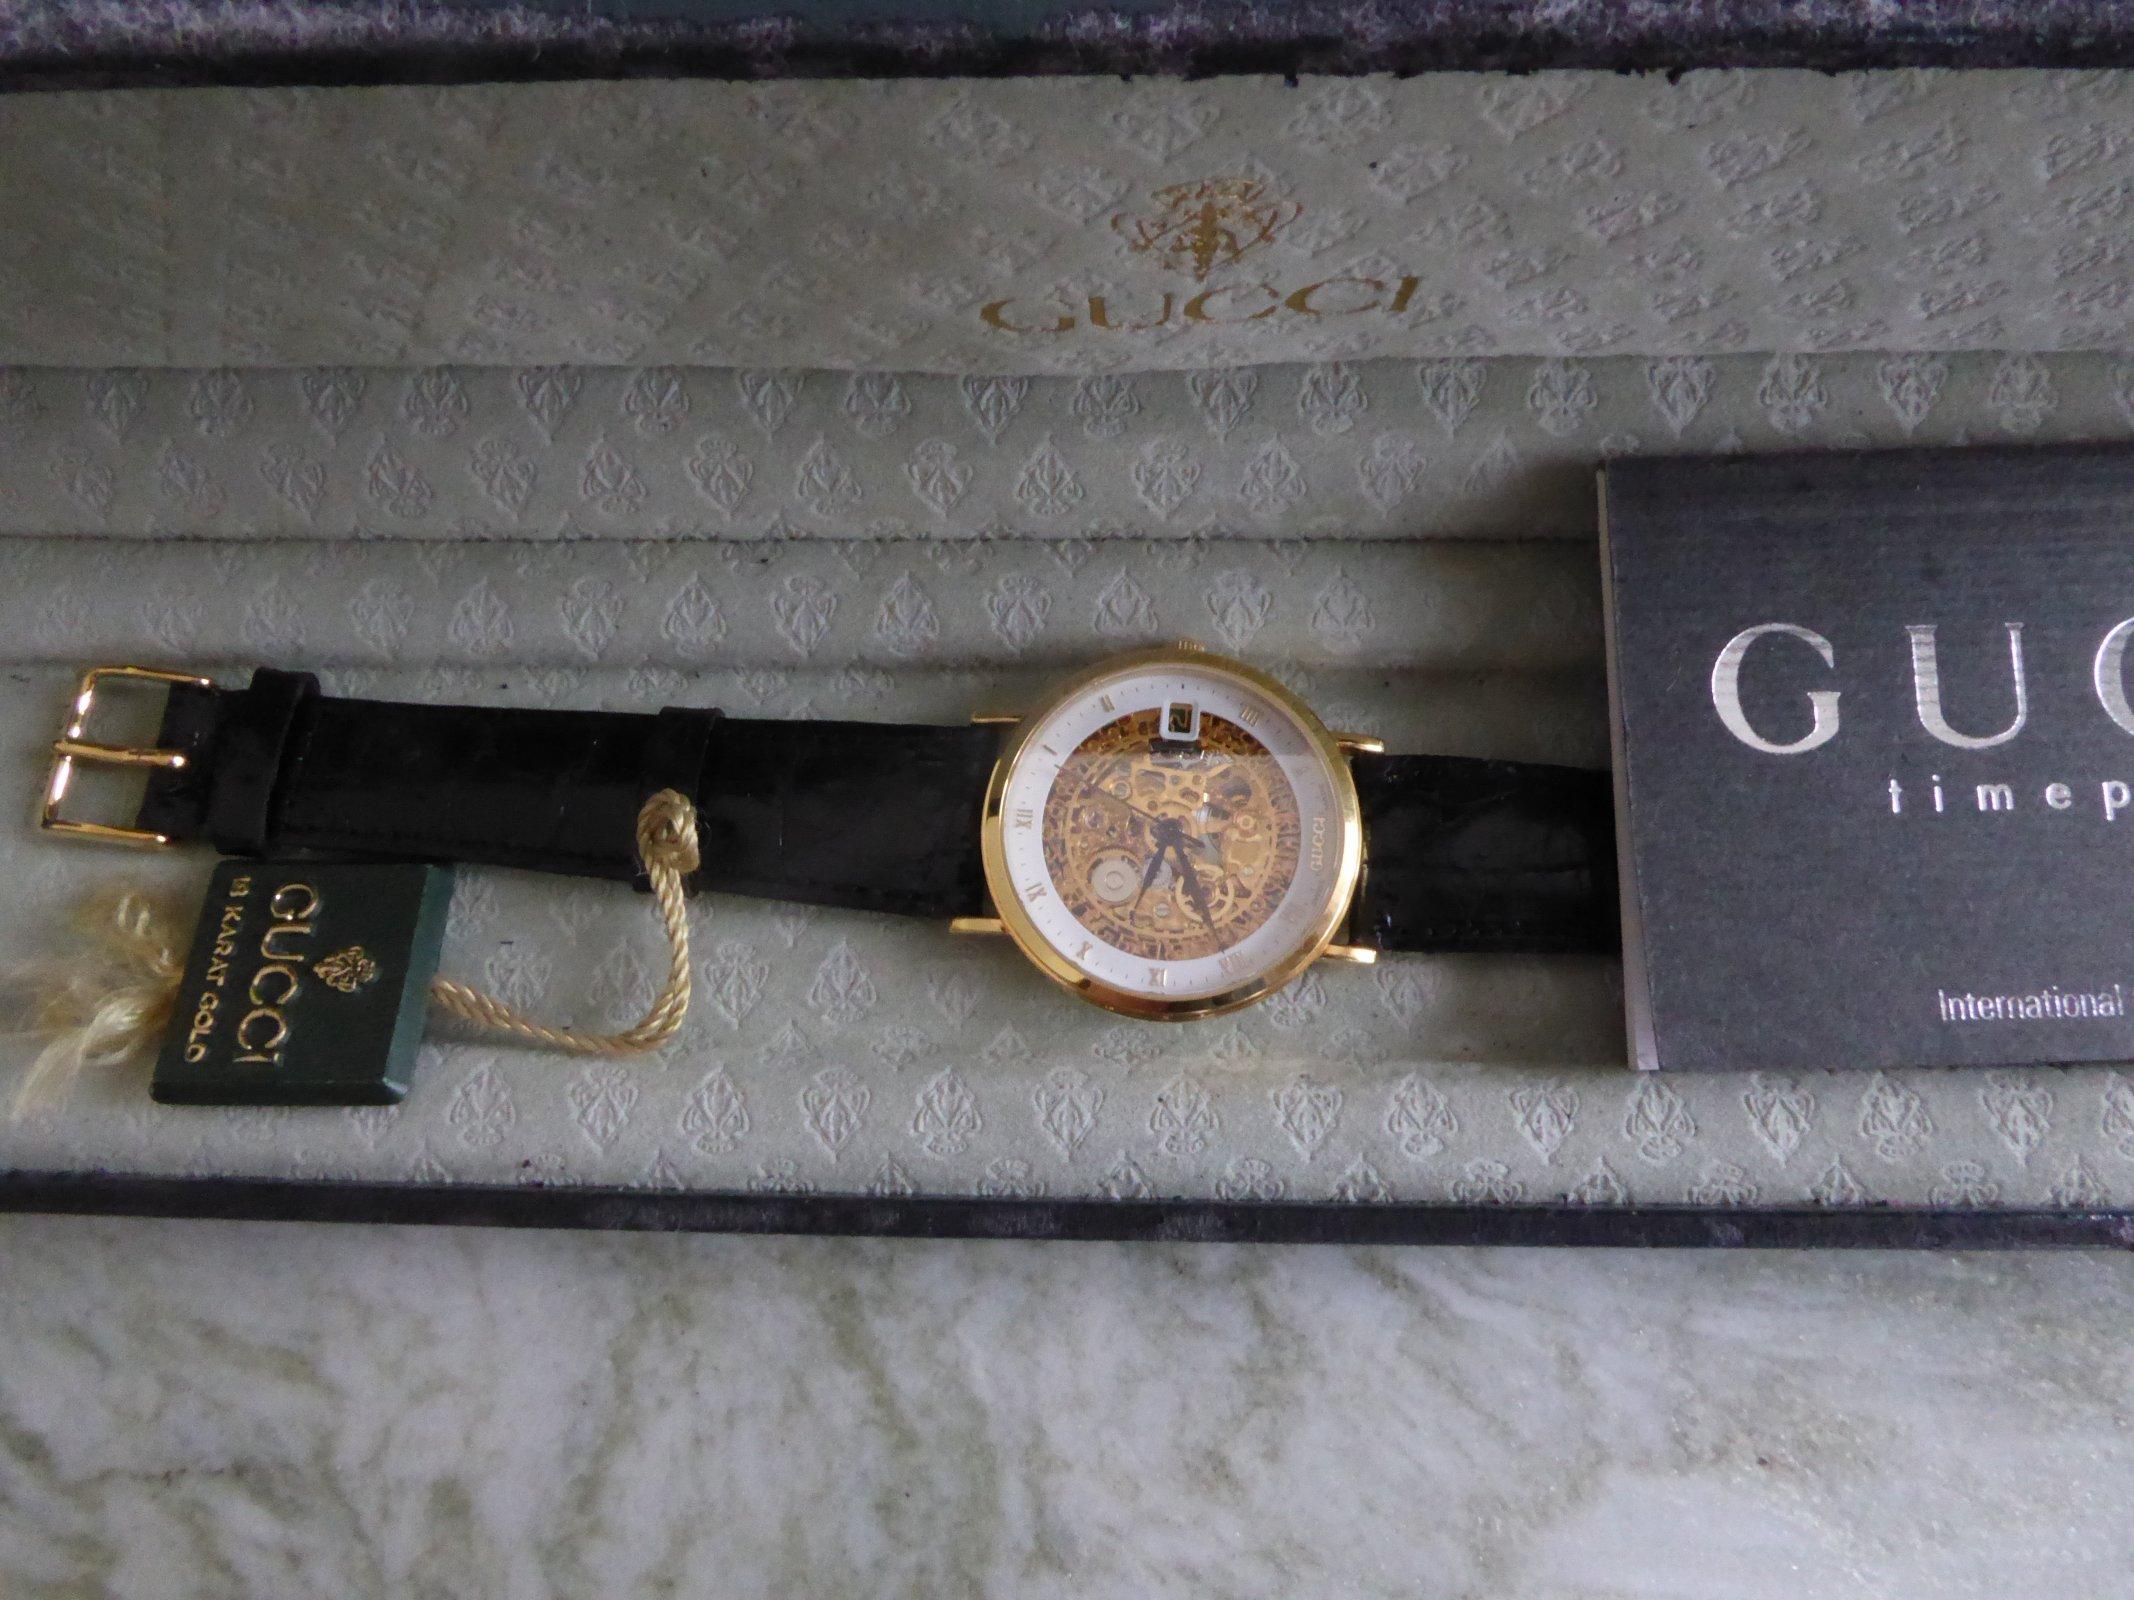 GUCCI Schachtel Uhr.JPG